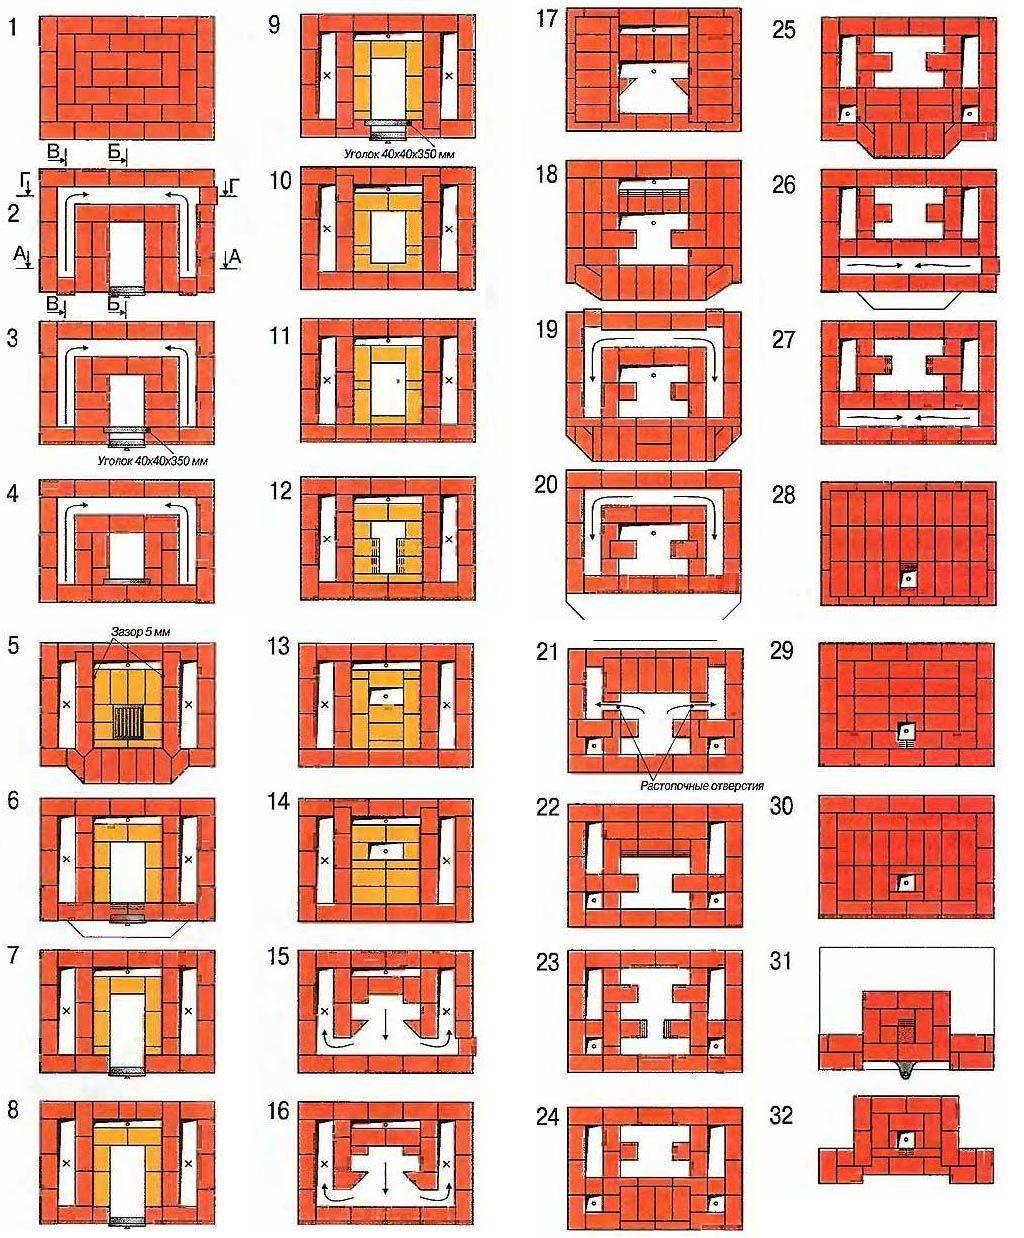 Колпаковая печь кузнецова своими руками: ее особенности, использование чертежей и порядовки